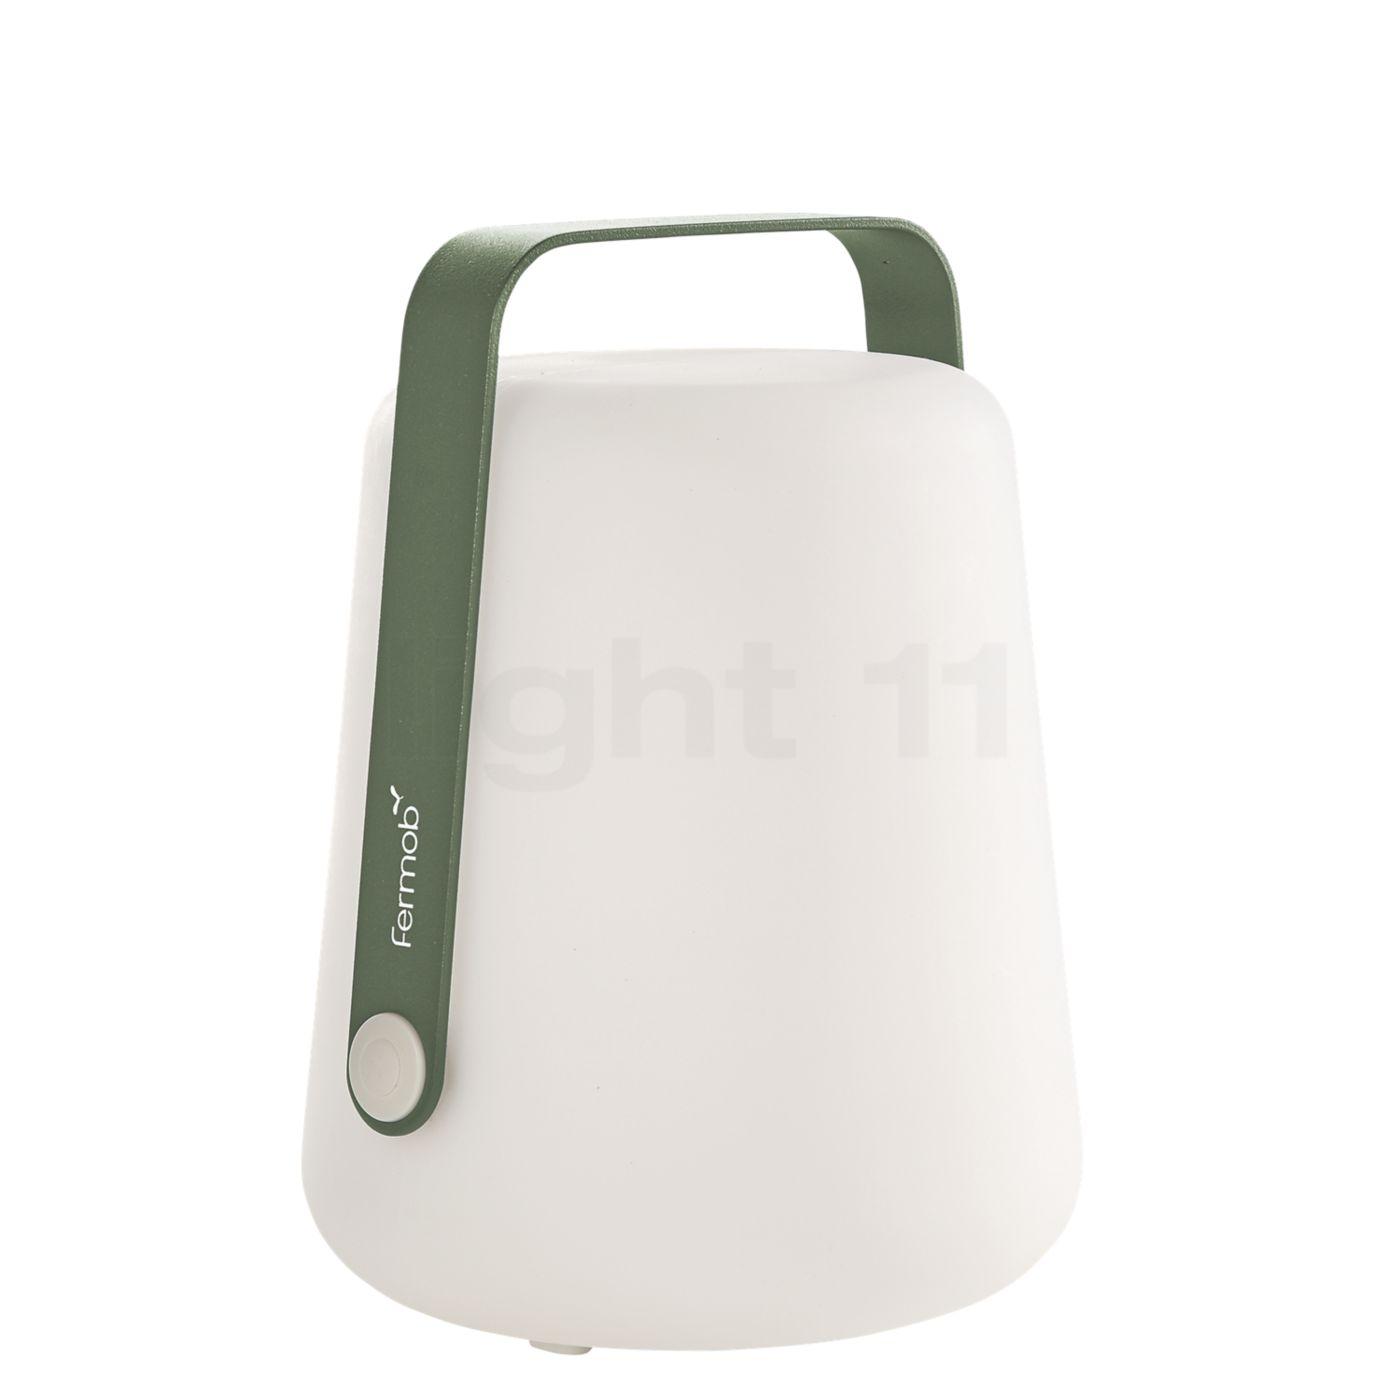 Fermob Balad 38 cm LED, Kaktus 362282